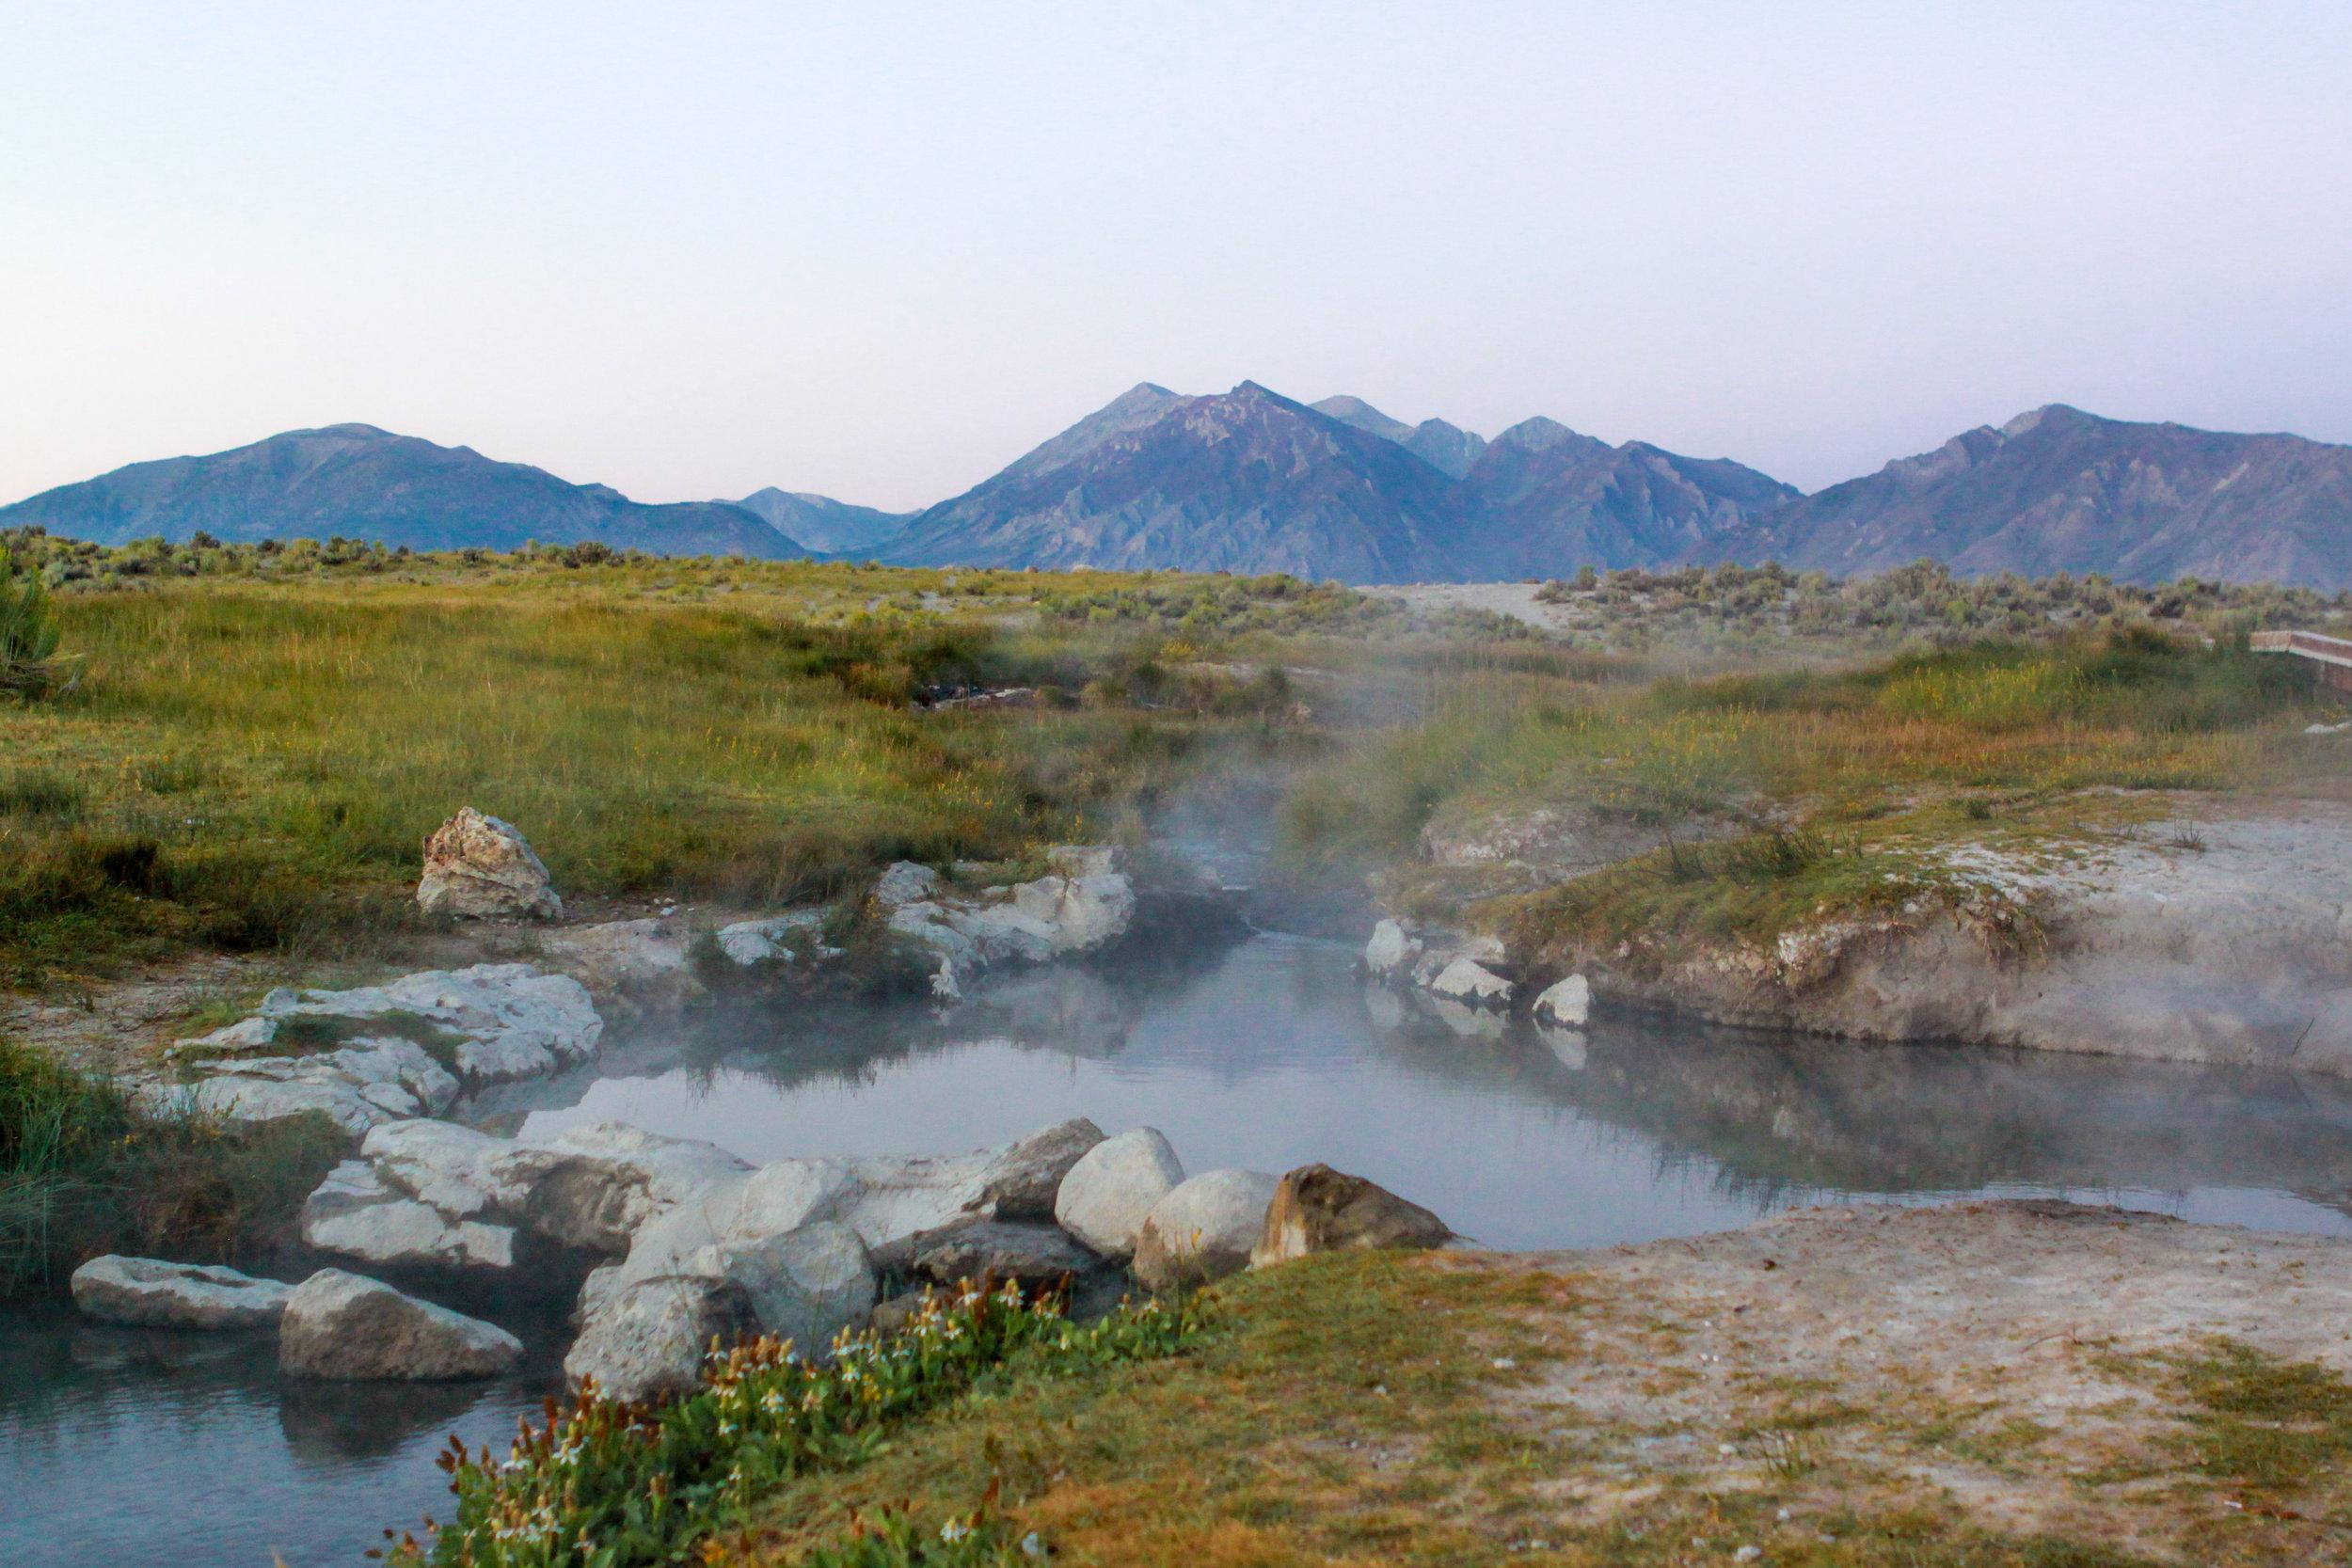 A Natural Hot Tub at the Mammoth Hot Springs, 2012